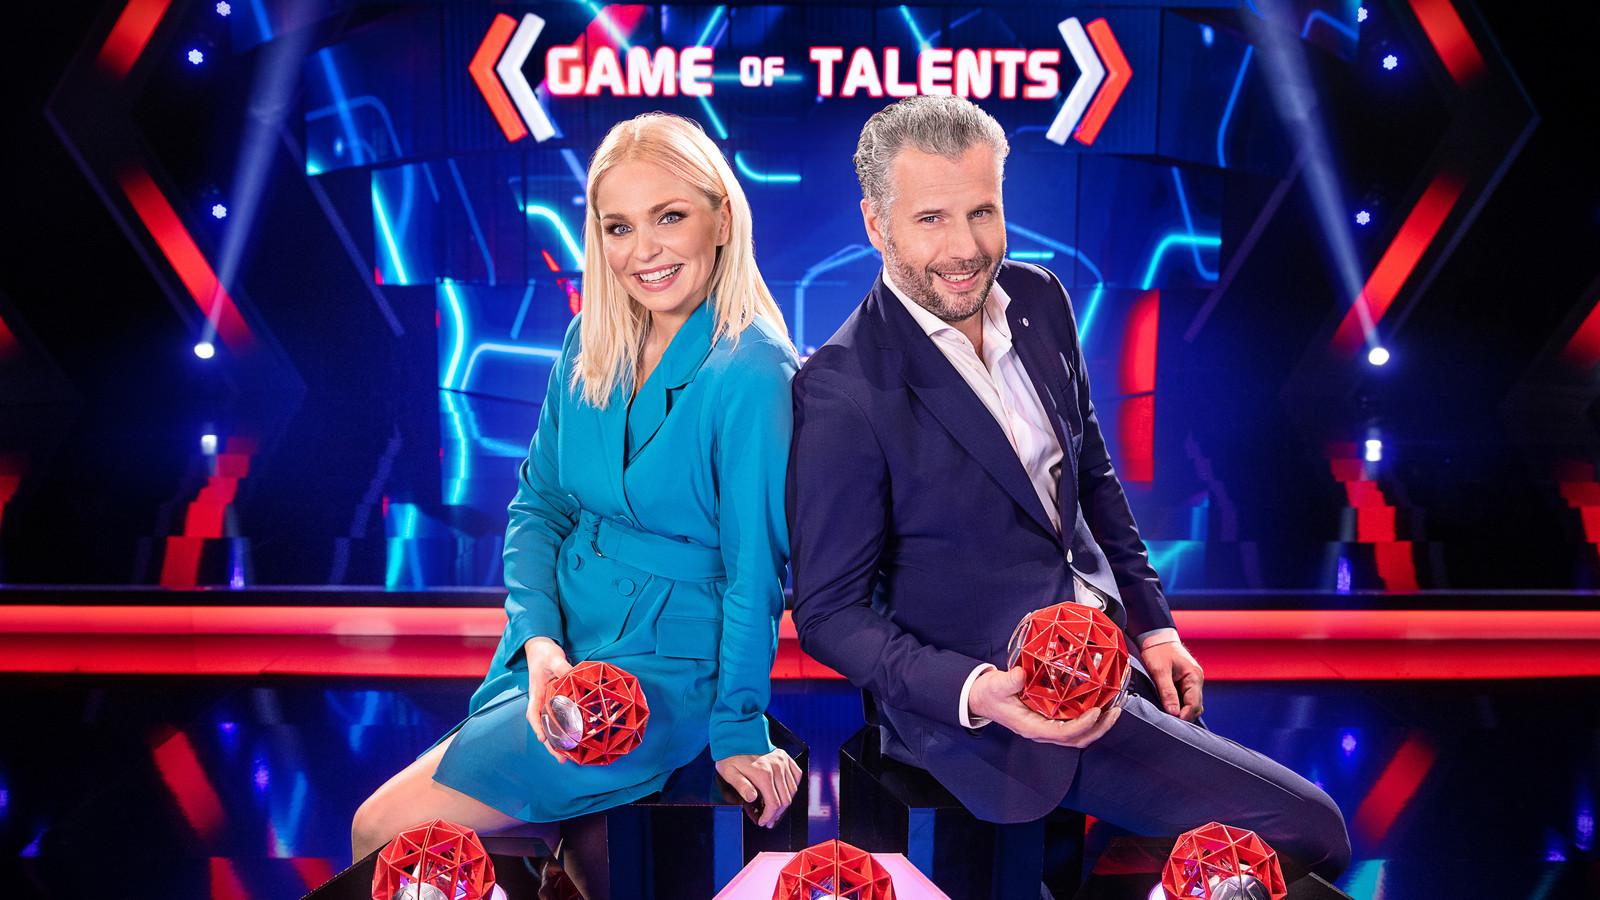 Tijl Beckand & Julie Van den Steen in Game of Talents